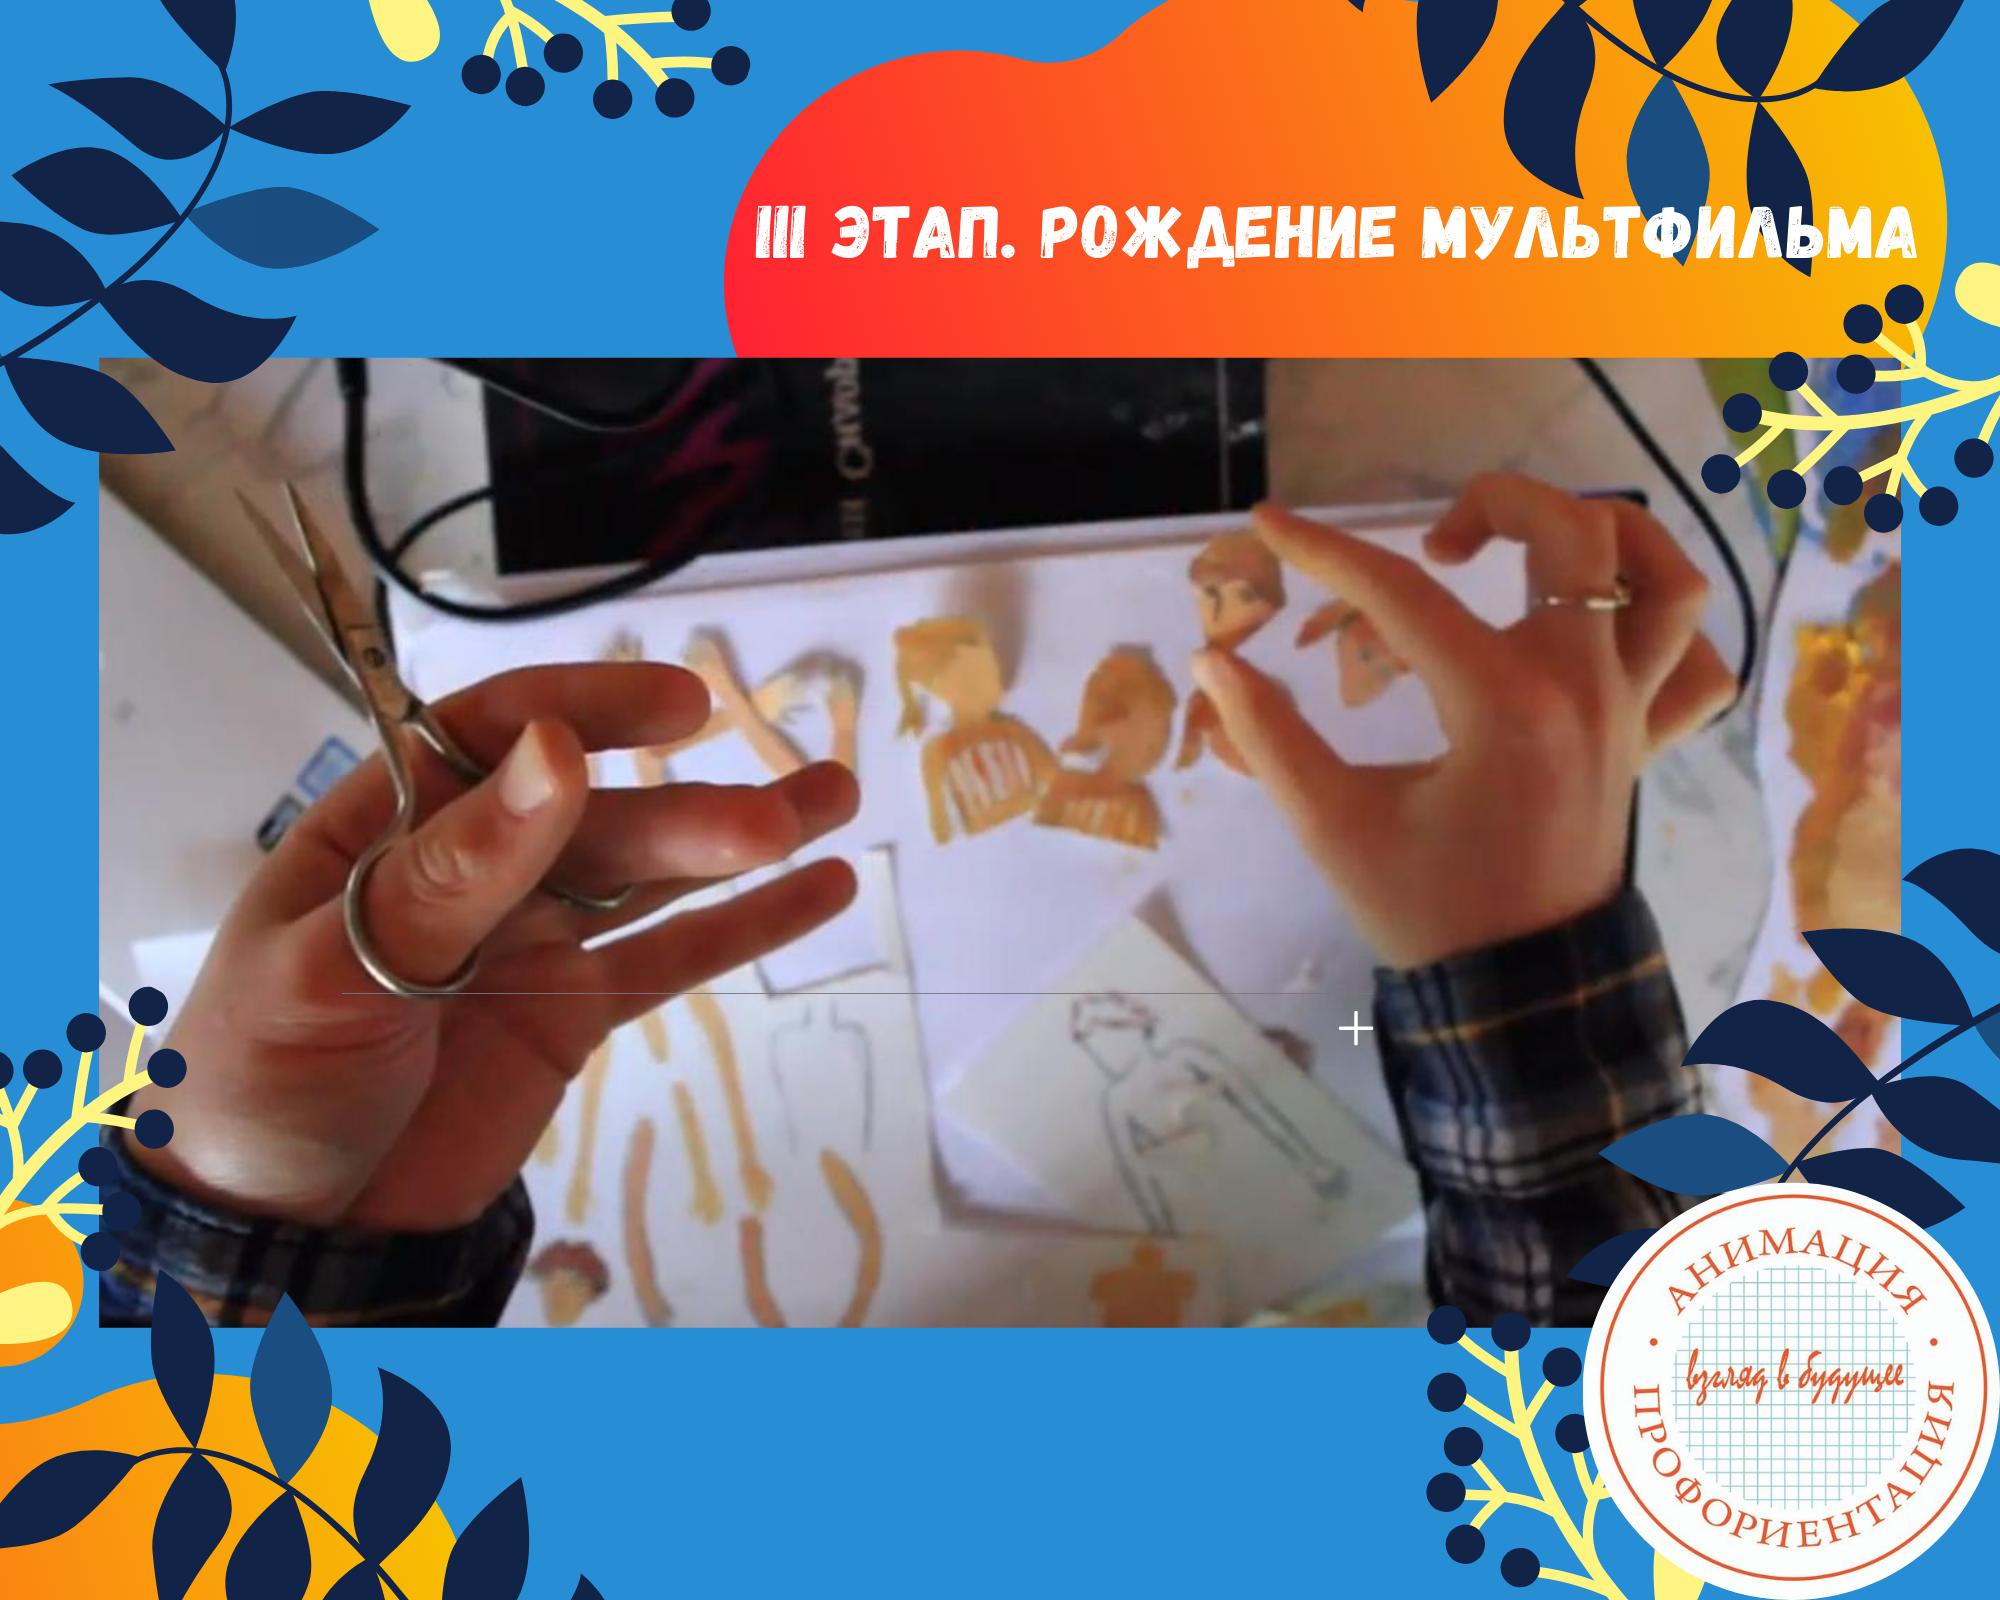 Проект «Профориентация и анимация: взгляд в будущее» создаёт свой мультфильм вместе с участниками